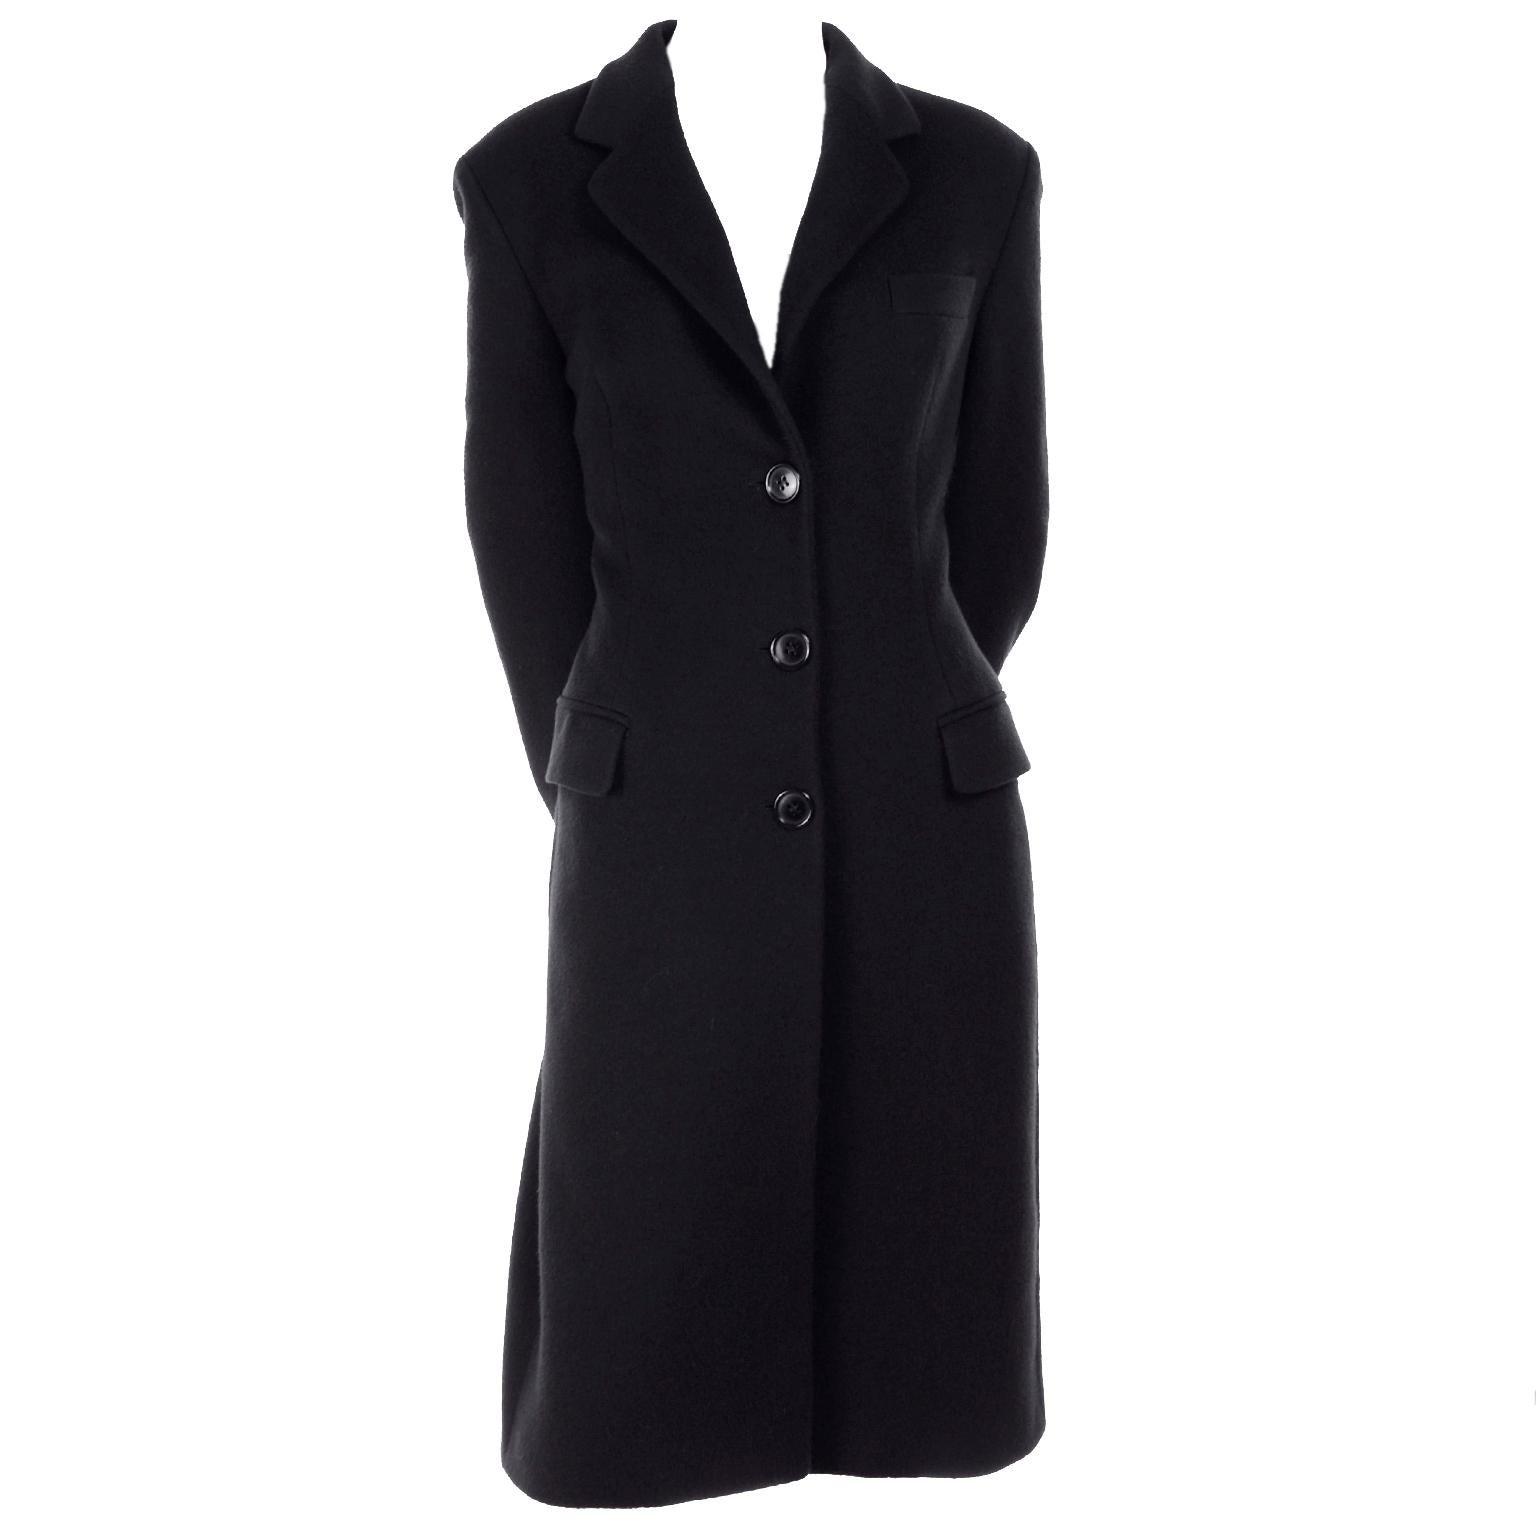 Vintage Dolce & Gabbana Midnight Cashmere Coat W/ Monogram Silk Lining